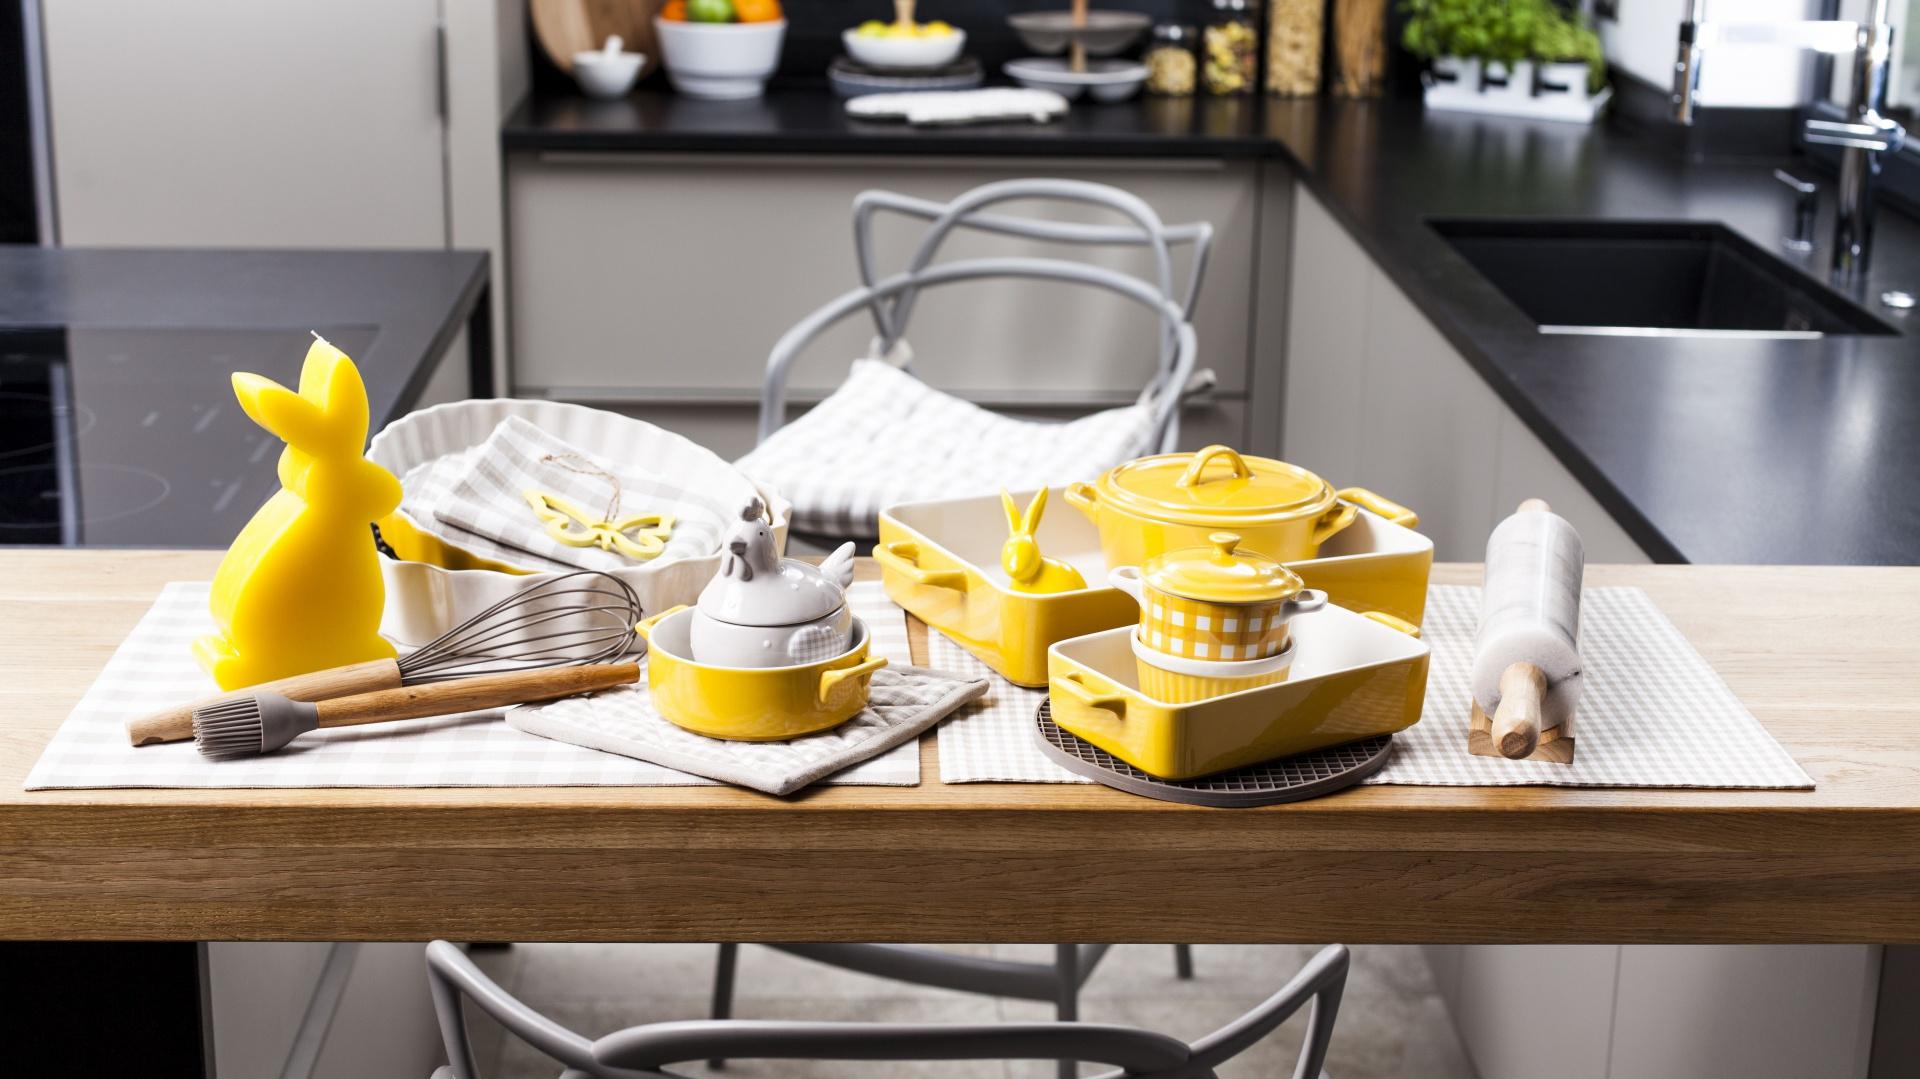 Cukiernica w kształcie kury wysiadującej jajka będzie ciekawym i praktycznym urozmaiceniem stołu. Fot. Duka.